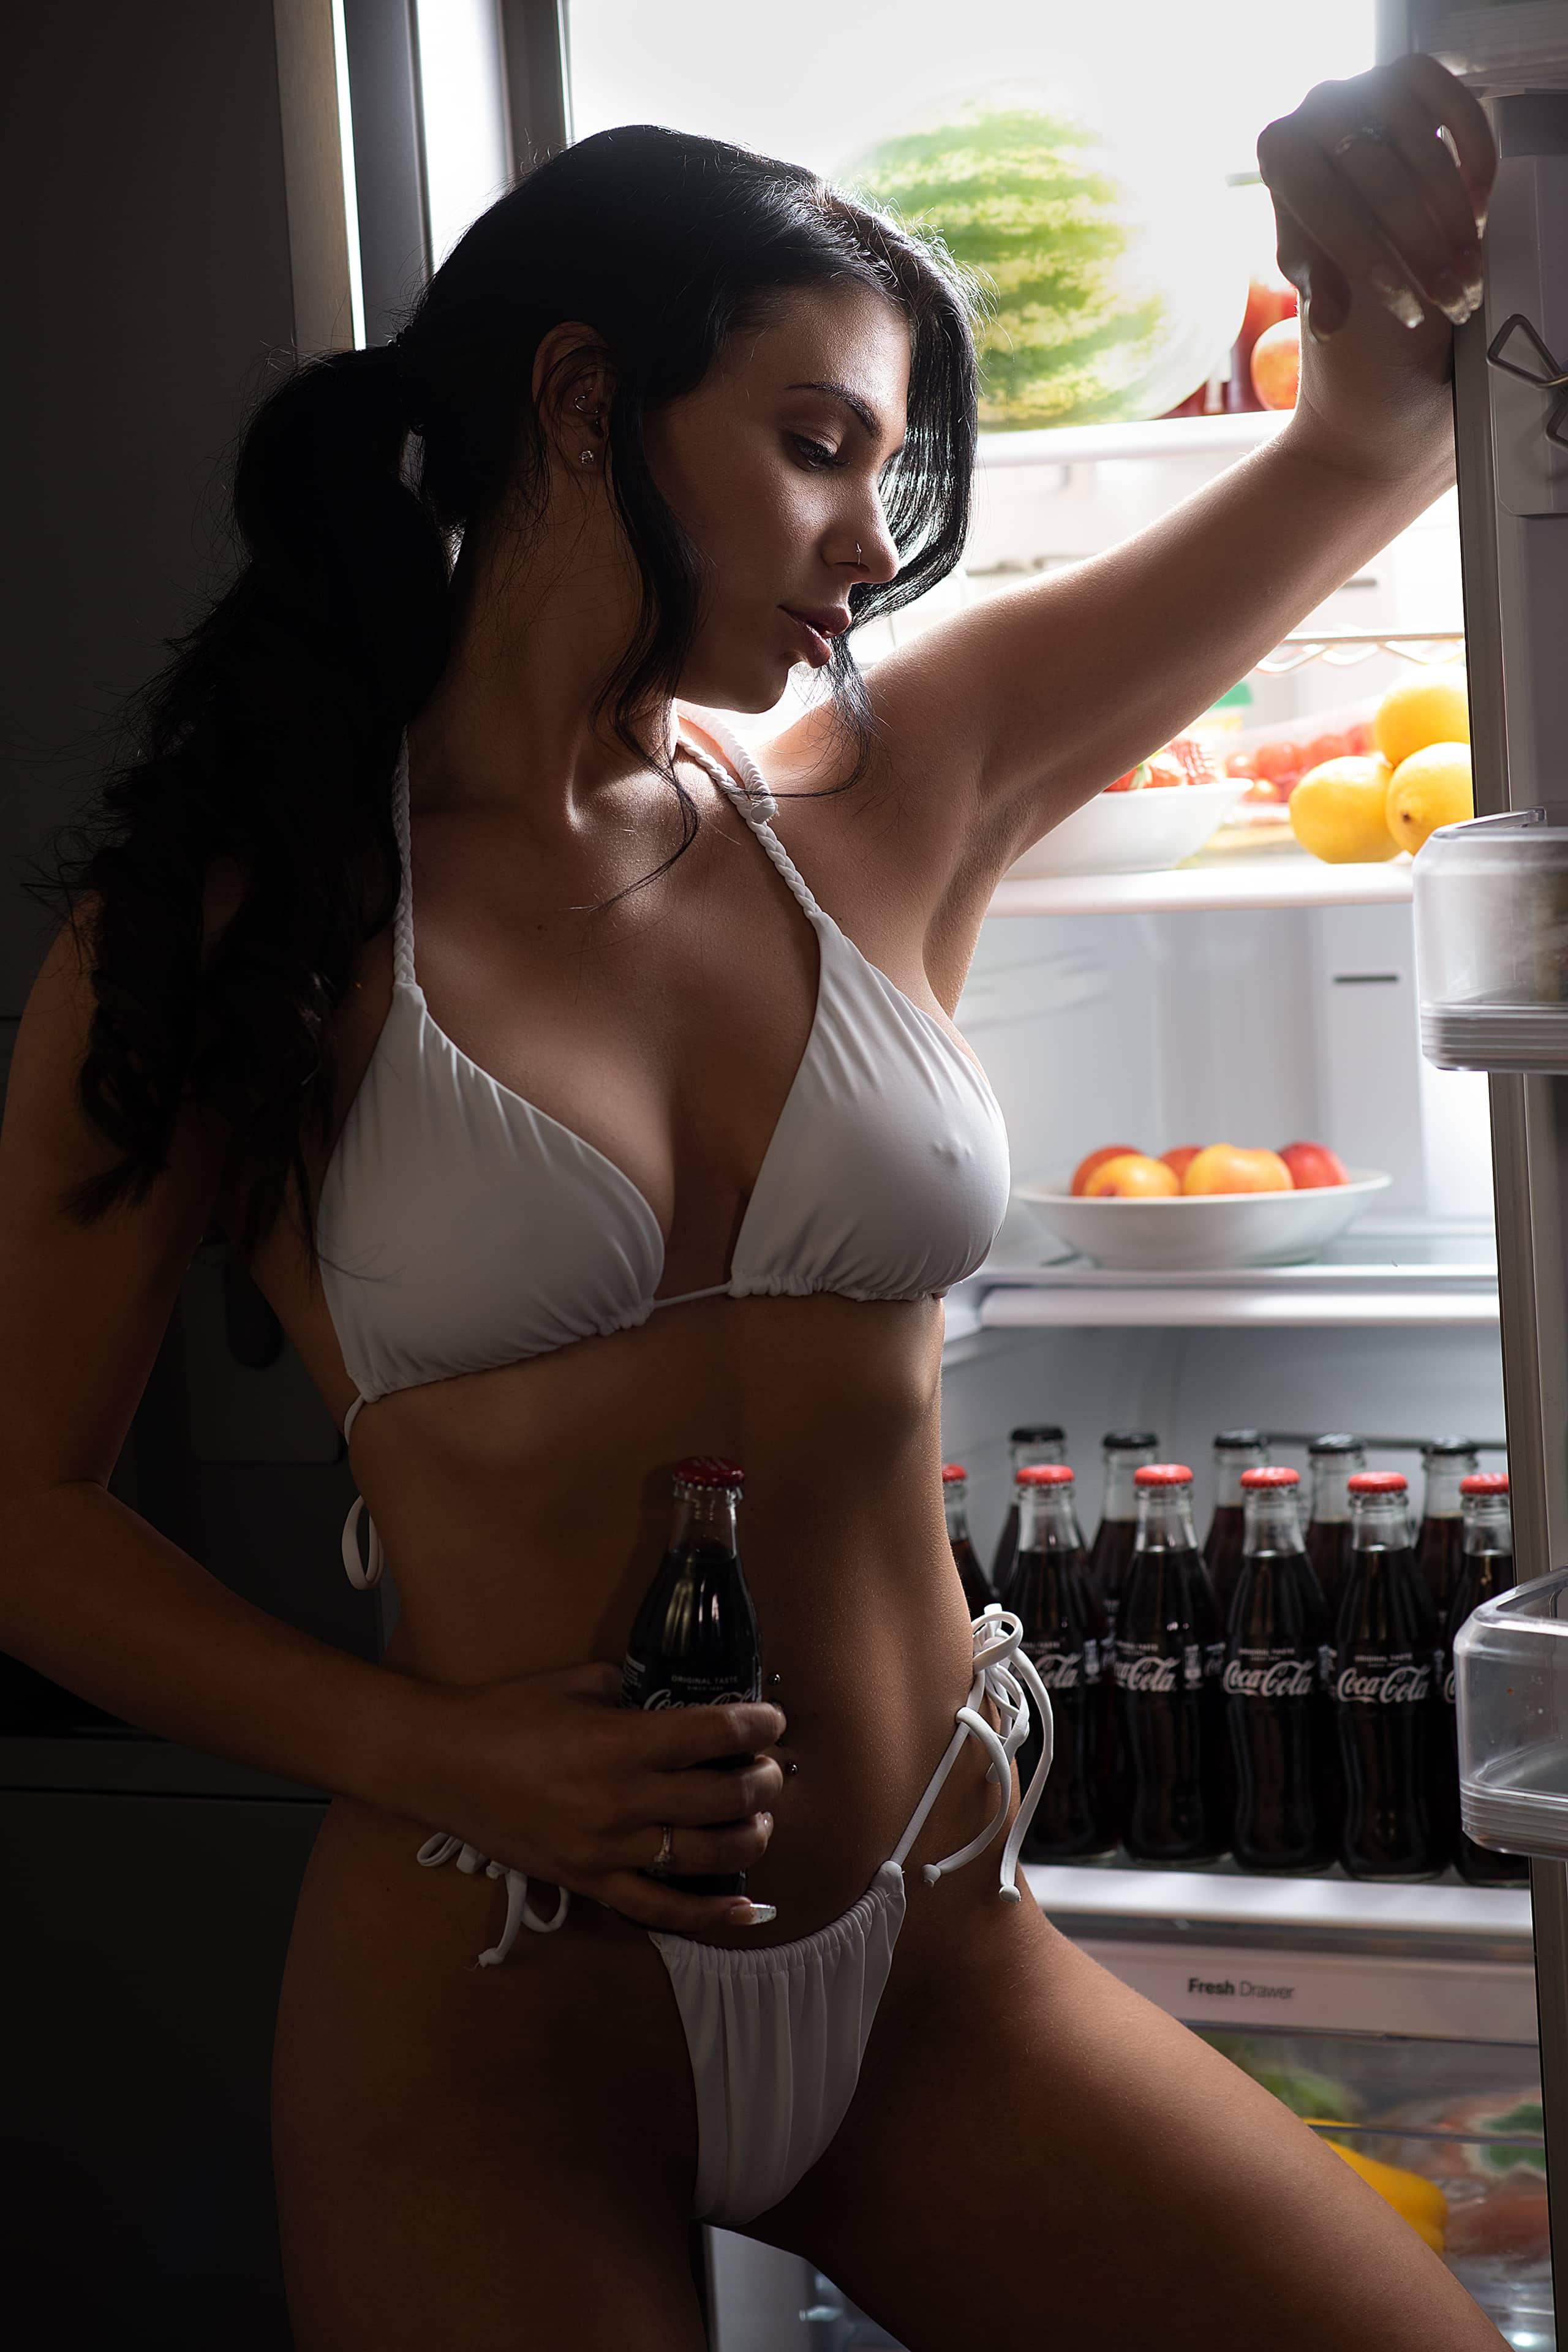 fridgefun05